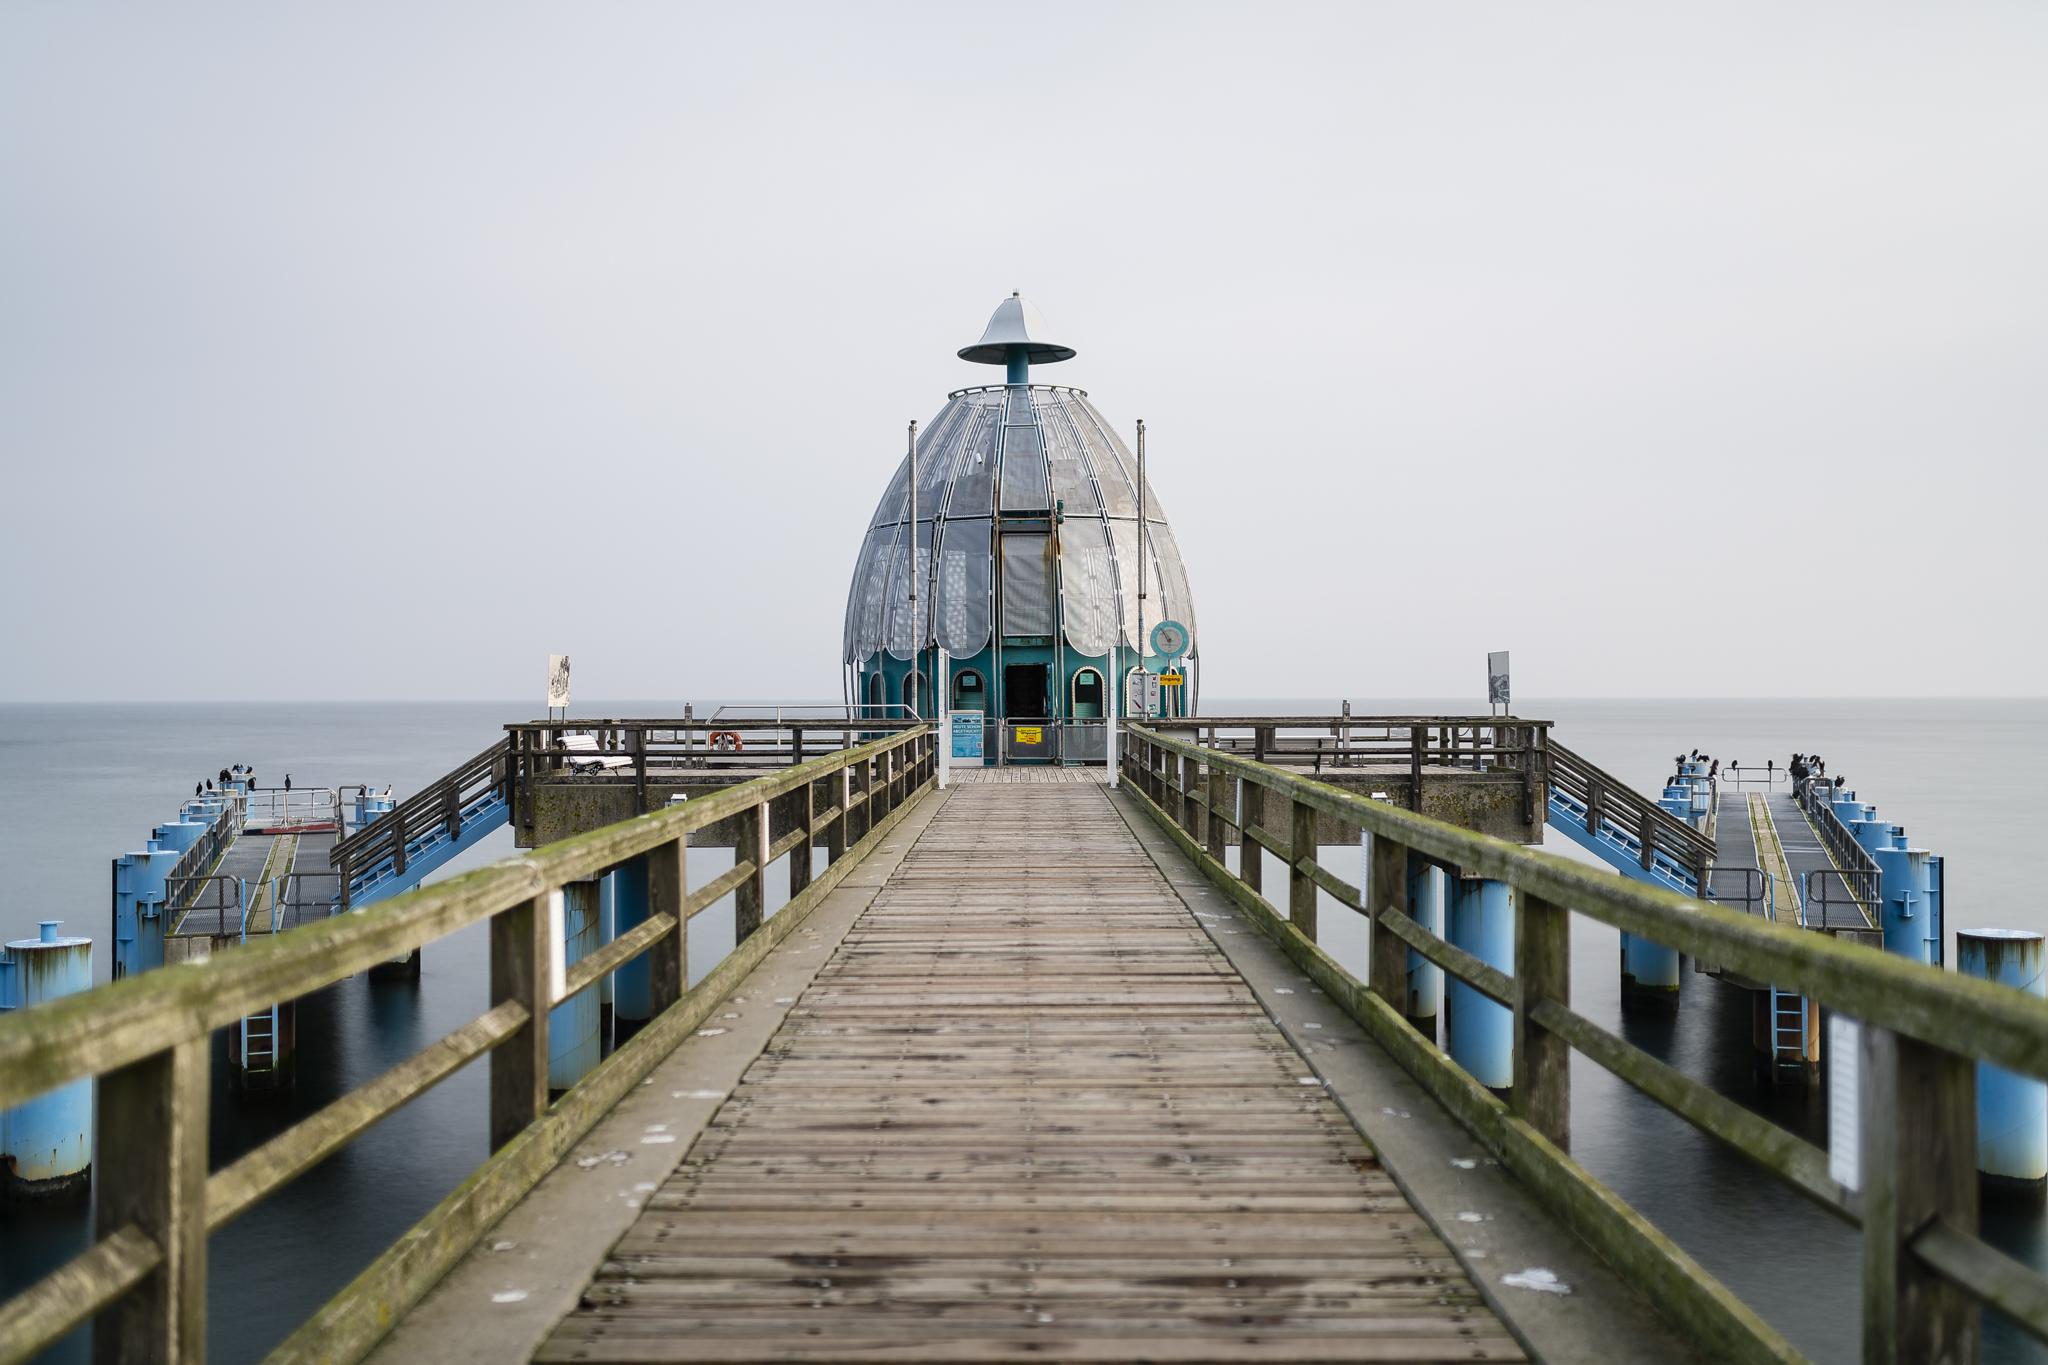 Tauchgondel Sellin - Insel Rügen